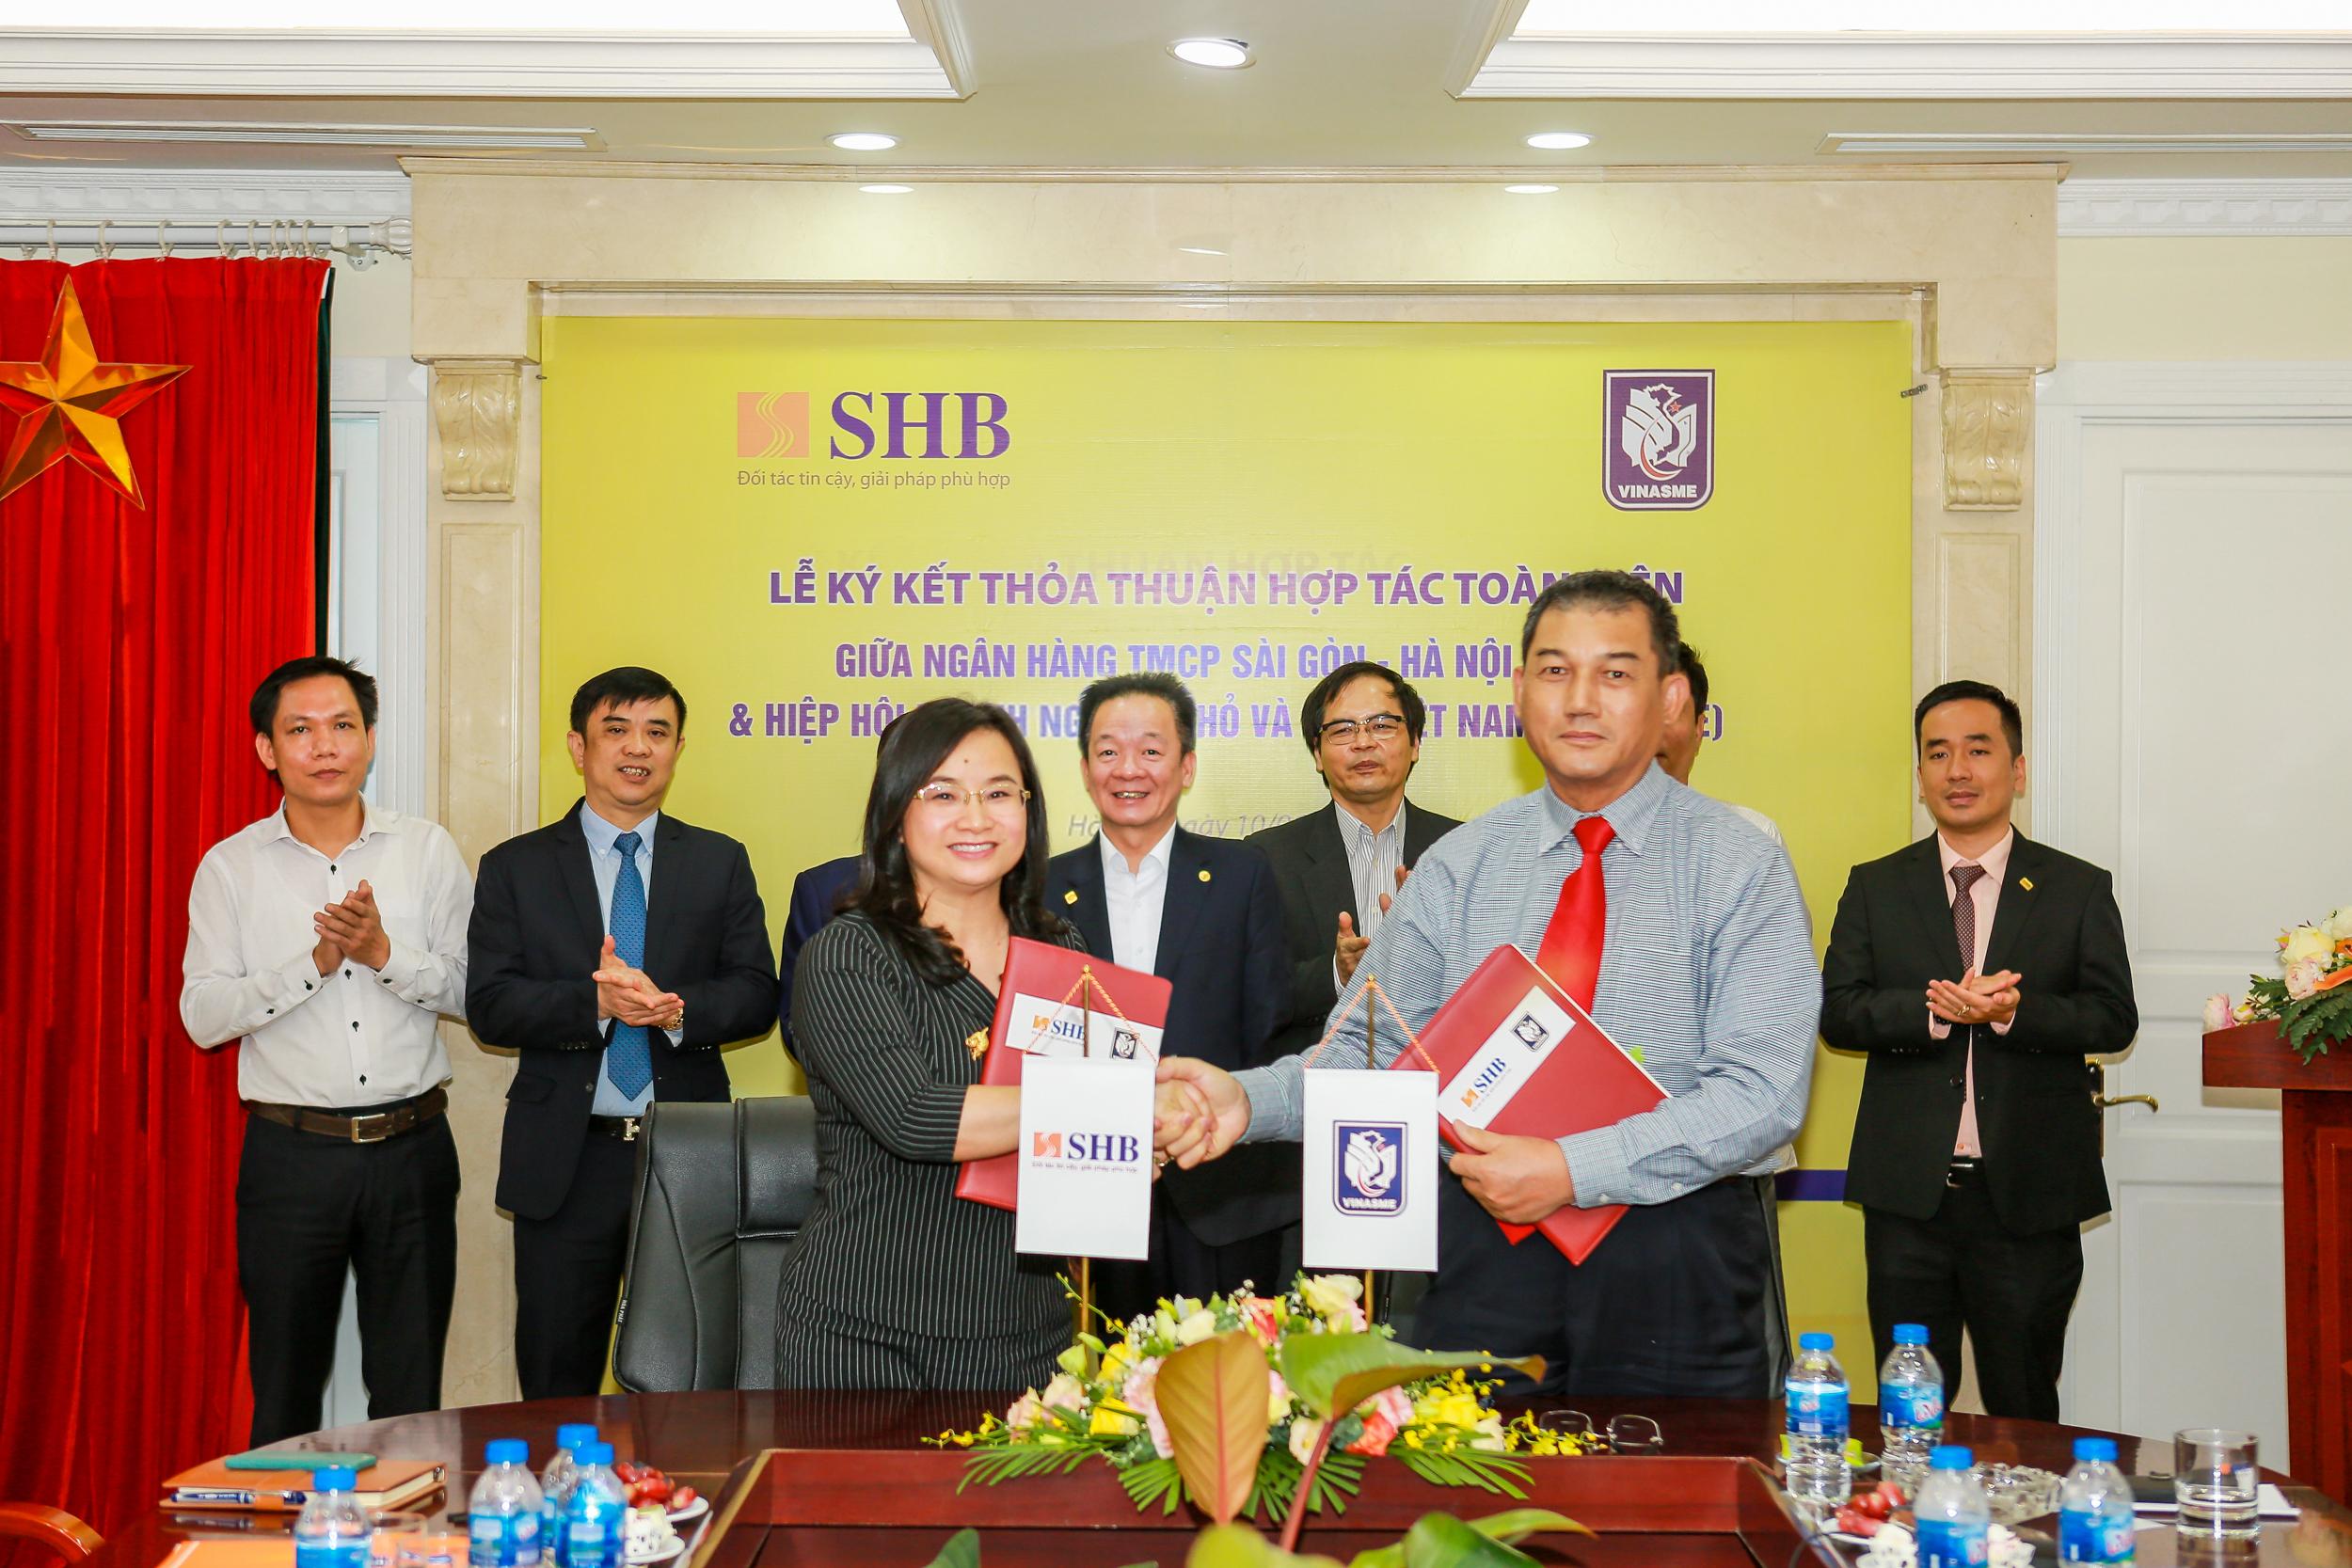 SHB và VINASME kí kết thỏa thuận hợp tác toàn diện  - Ảnh 1.